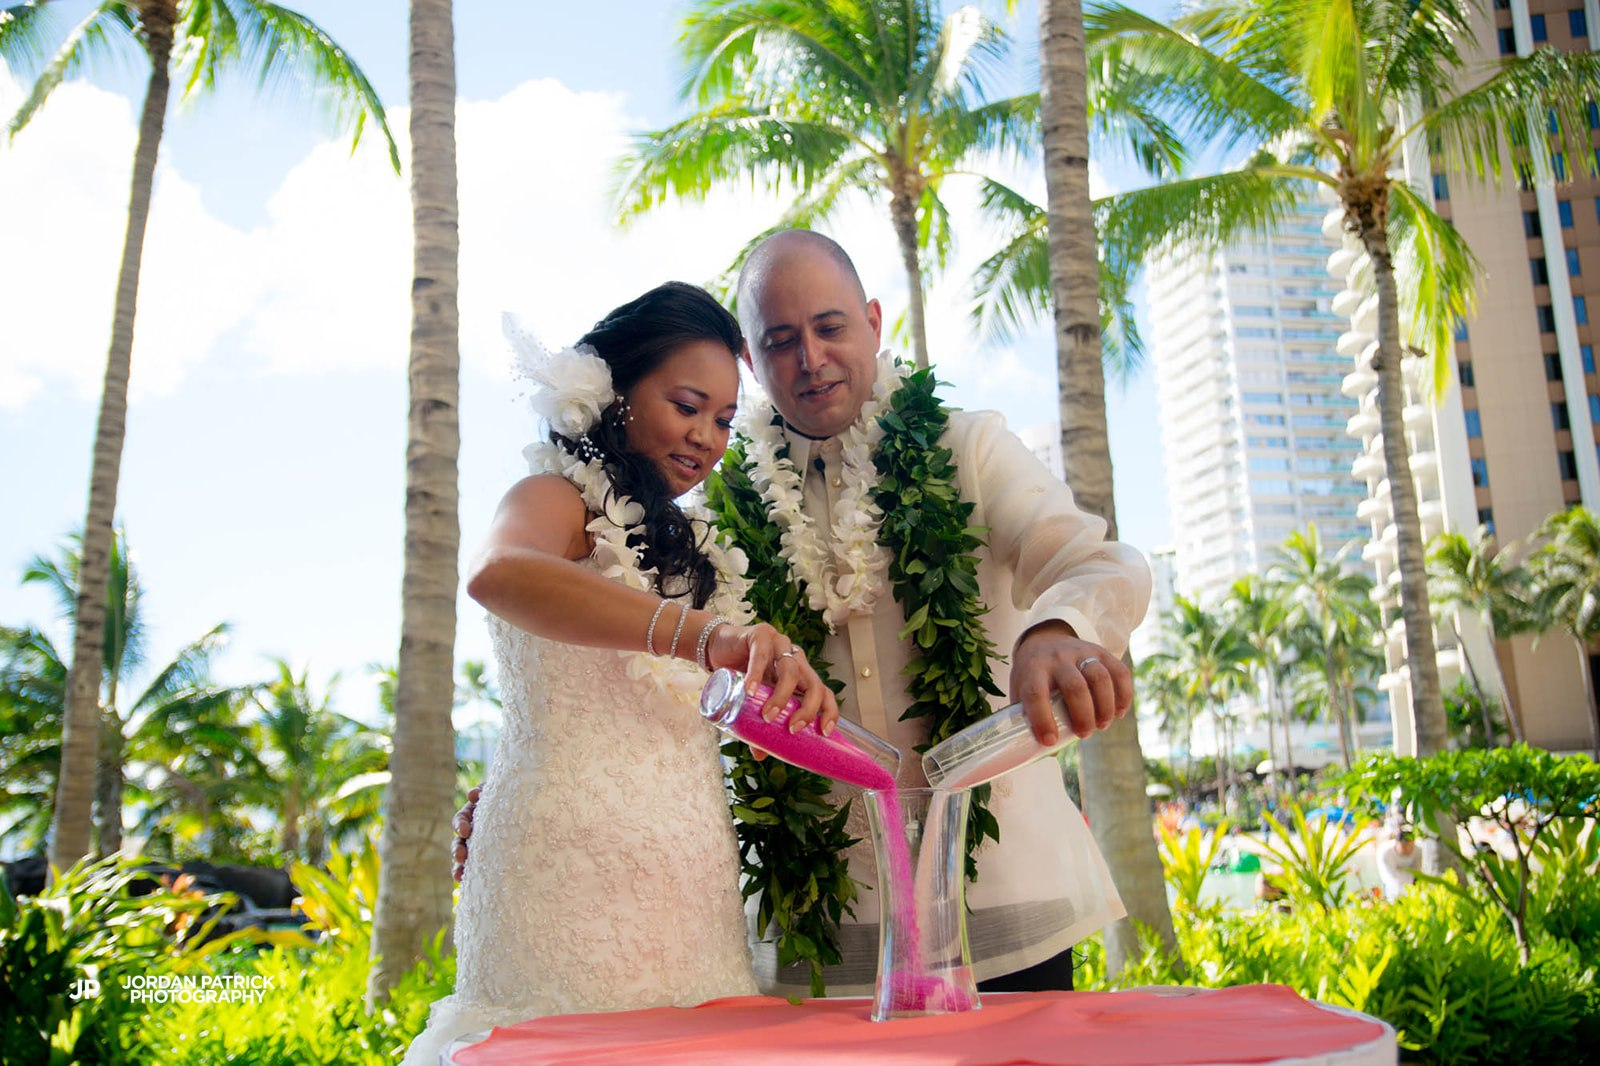 Destination Wedding: Hawaii